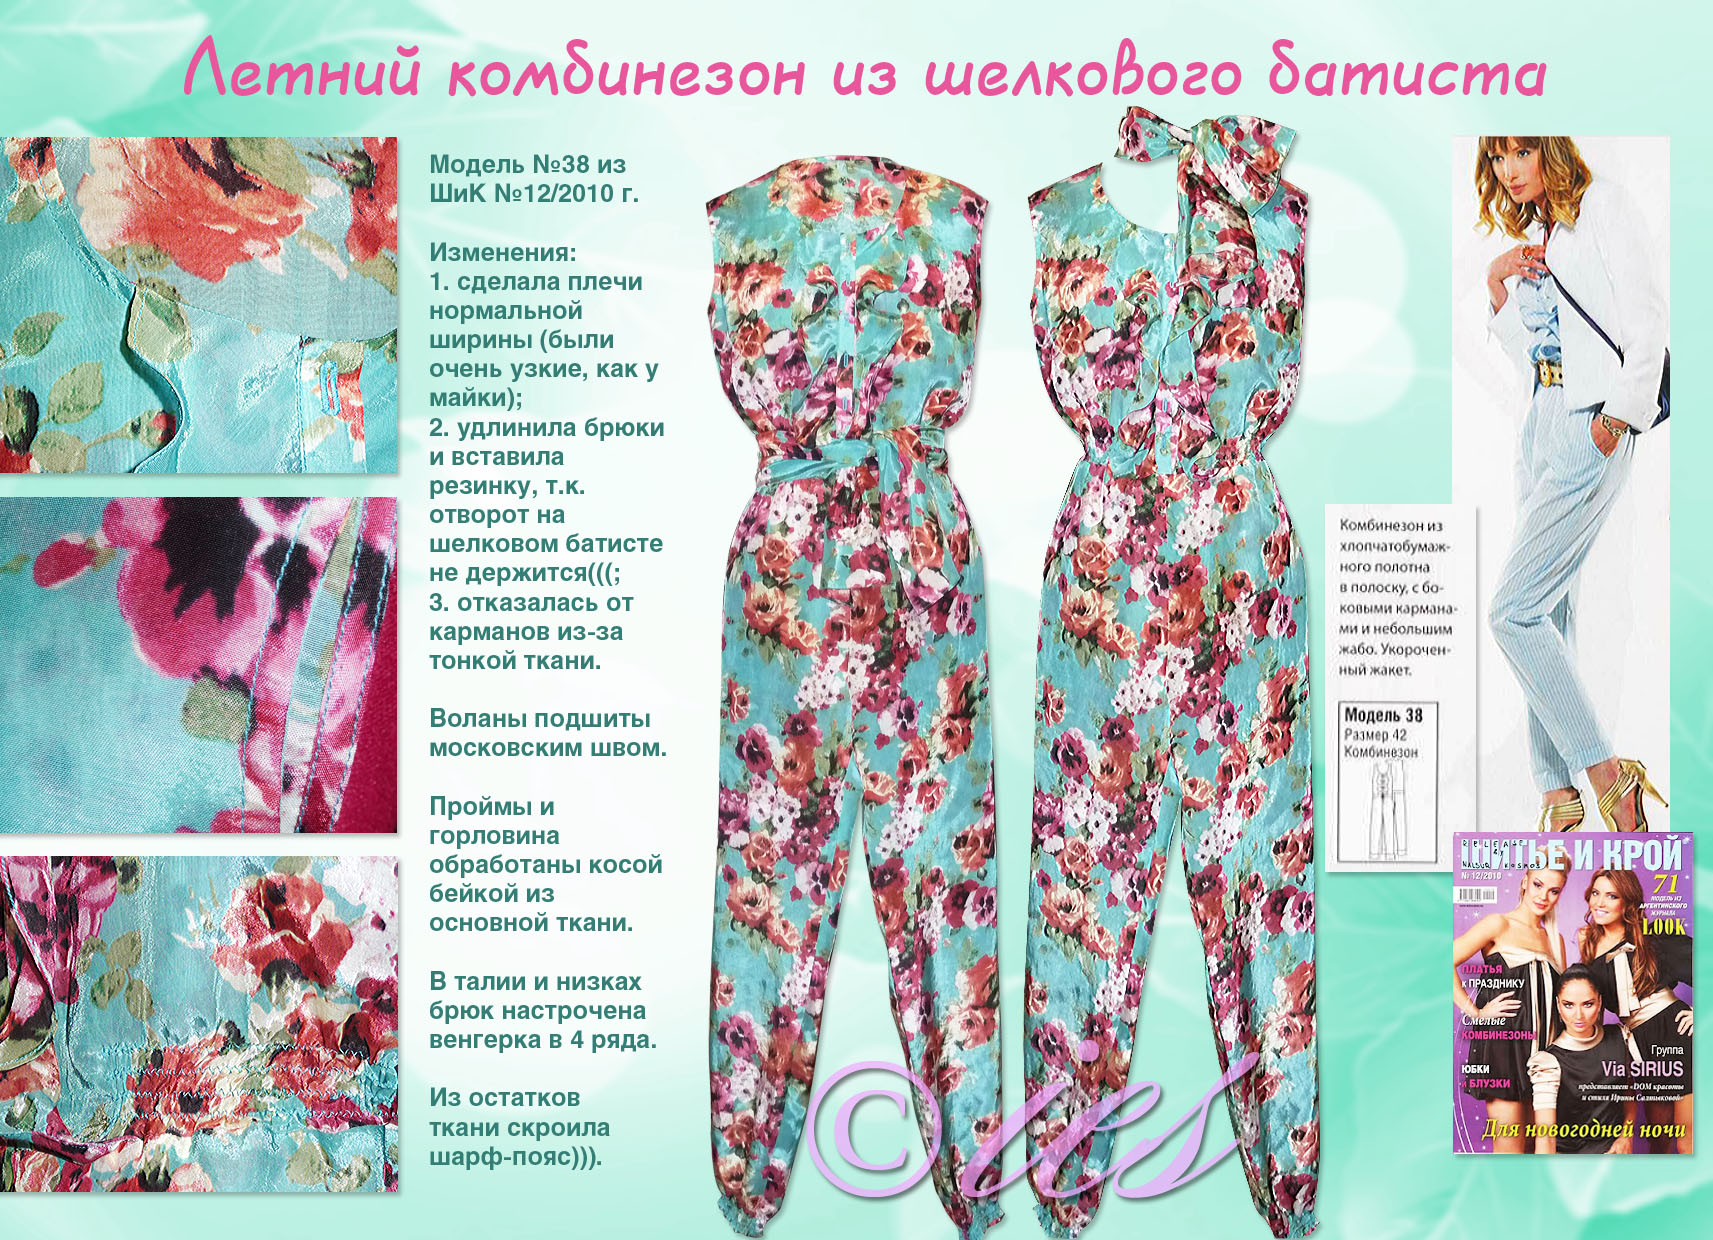 Ал шелком купить кружевную ткань для платья в интернет магазине